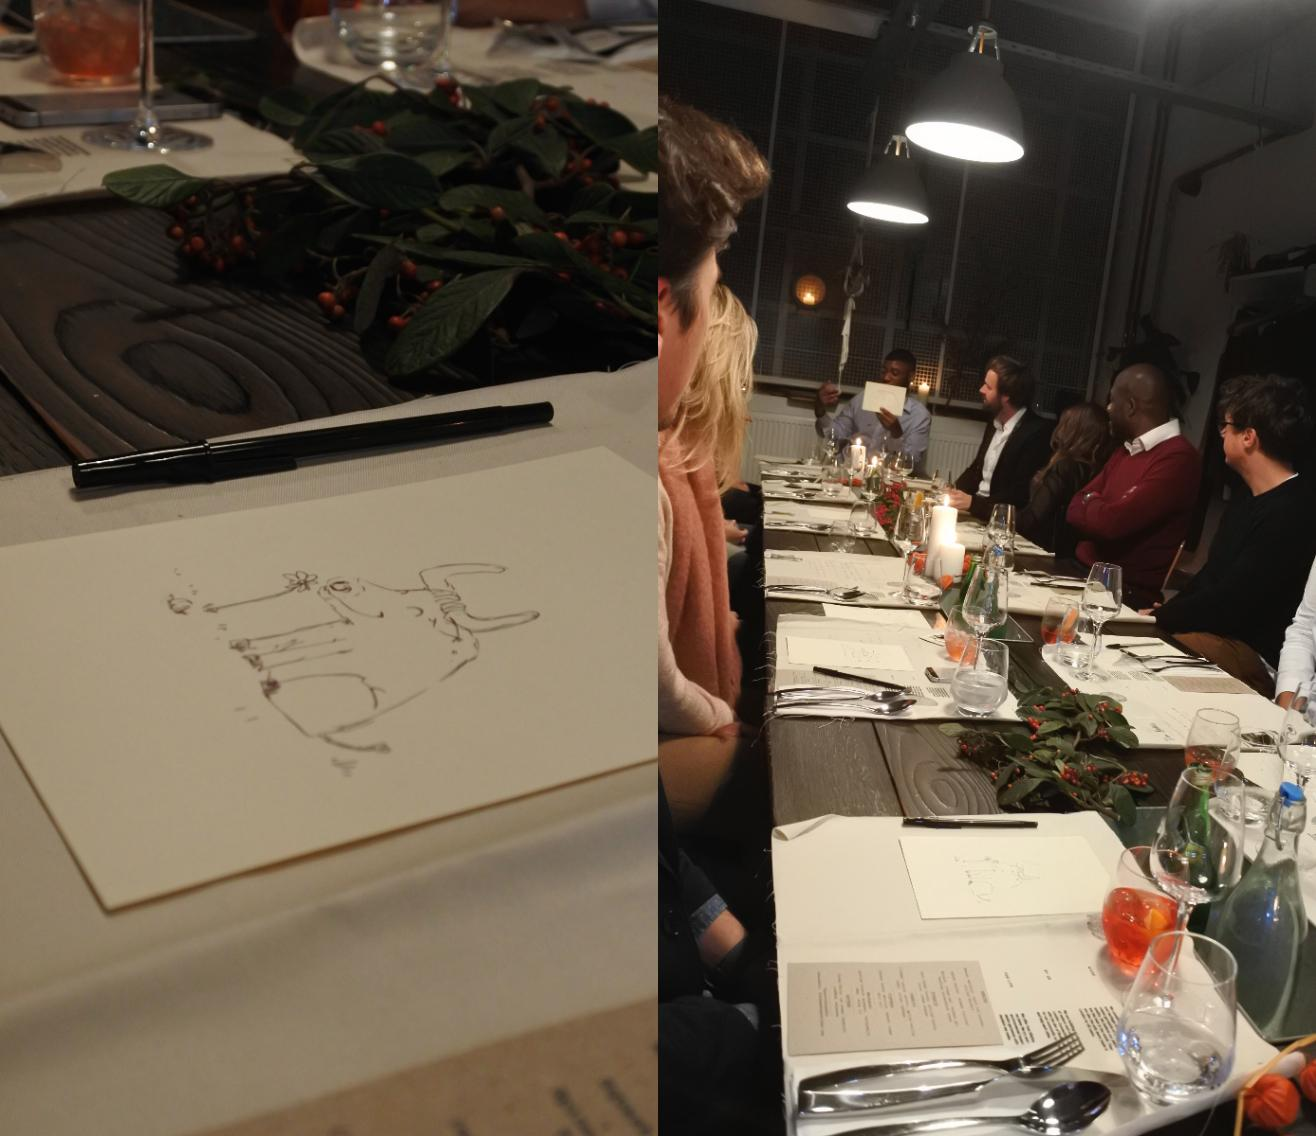 左のイラストは、今回のイベントのためにコペンハーゲンからやってきていた、SEI.LARのロゴをデザインしたデザイナー氏の手にナルもの。彼に多大な影響を与えたアニメに登場するキャラみたいなんですけど、残念かがら私にはわからなかった